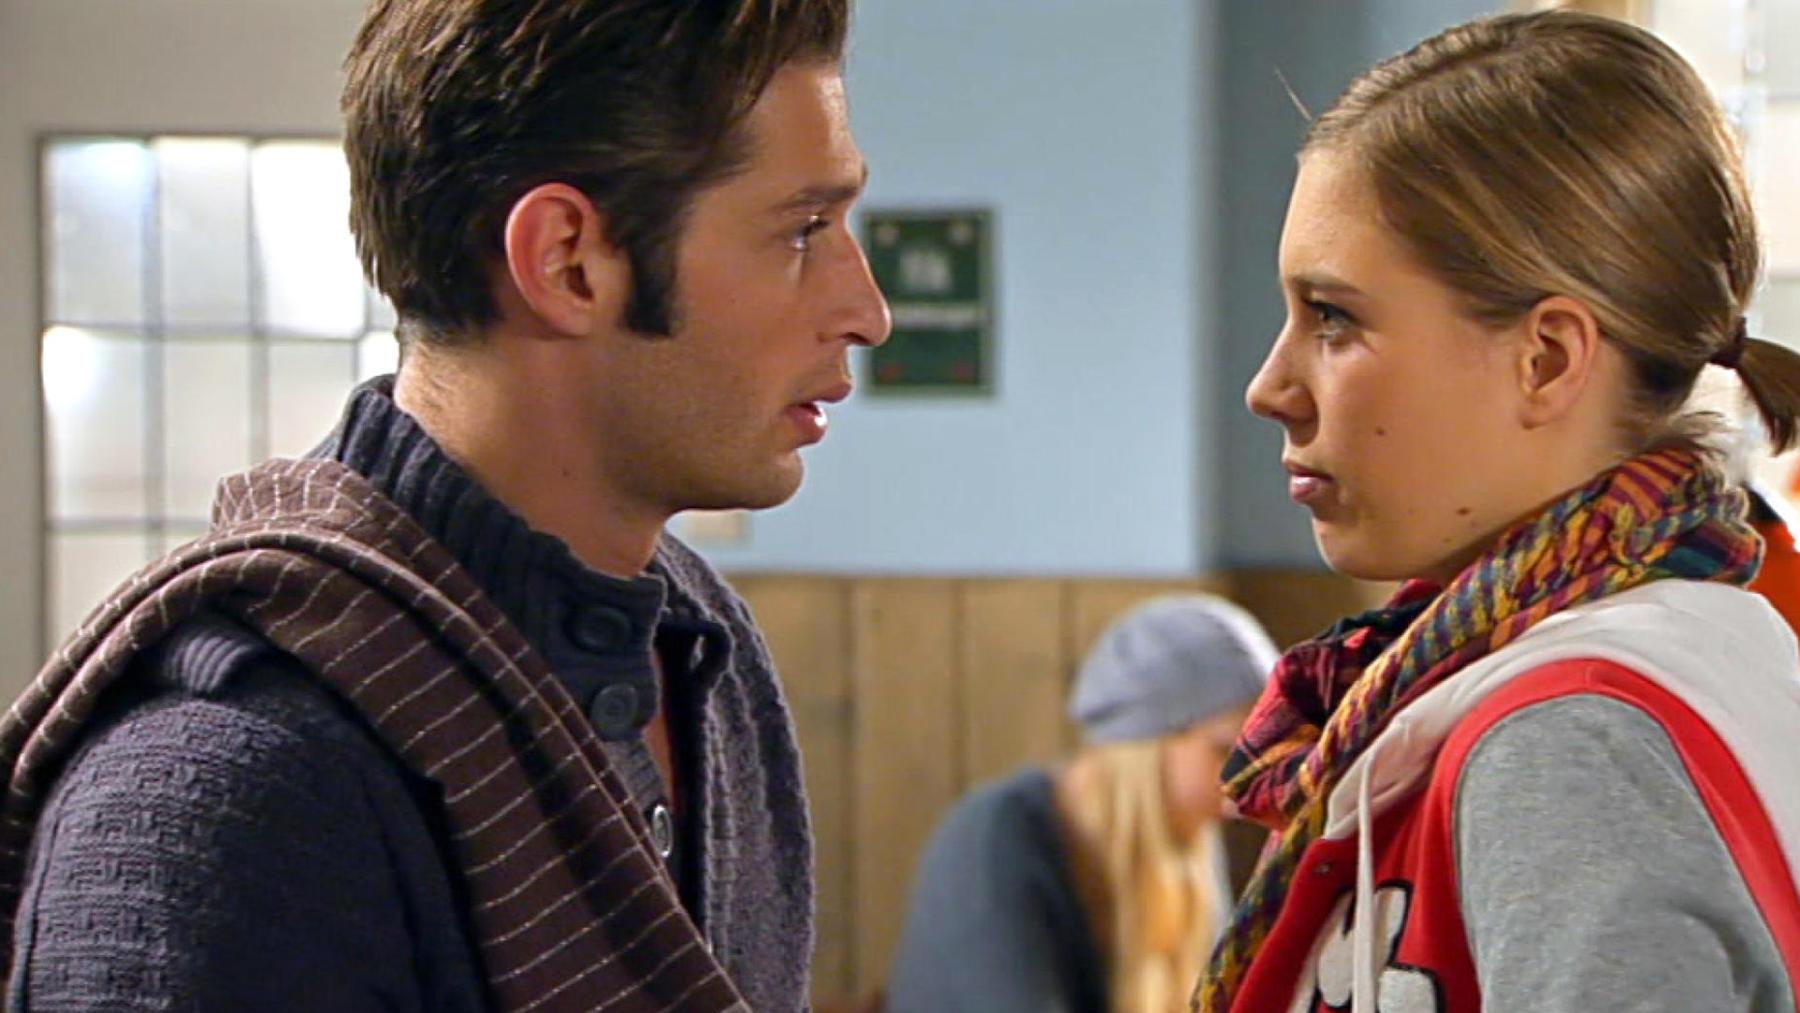 Deniz fühlt sich von Sarahs Nähe völlig überfordert